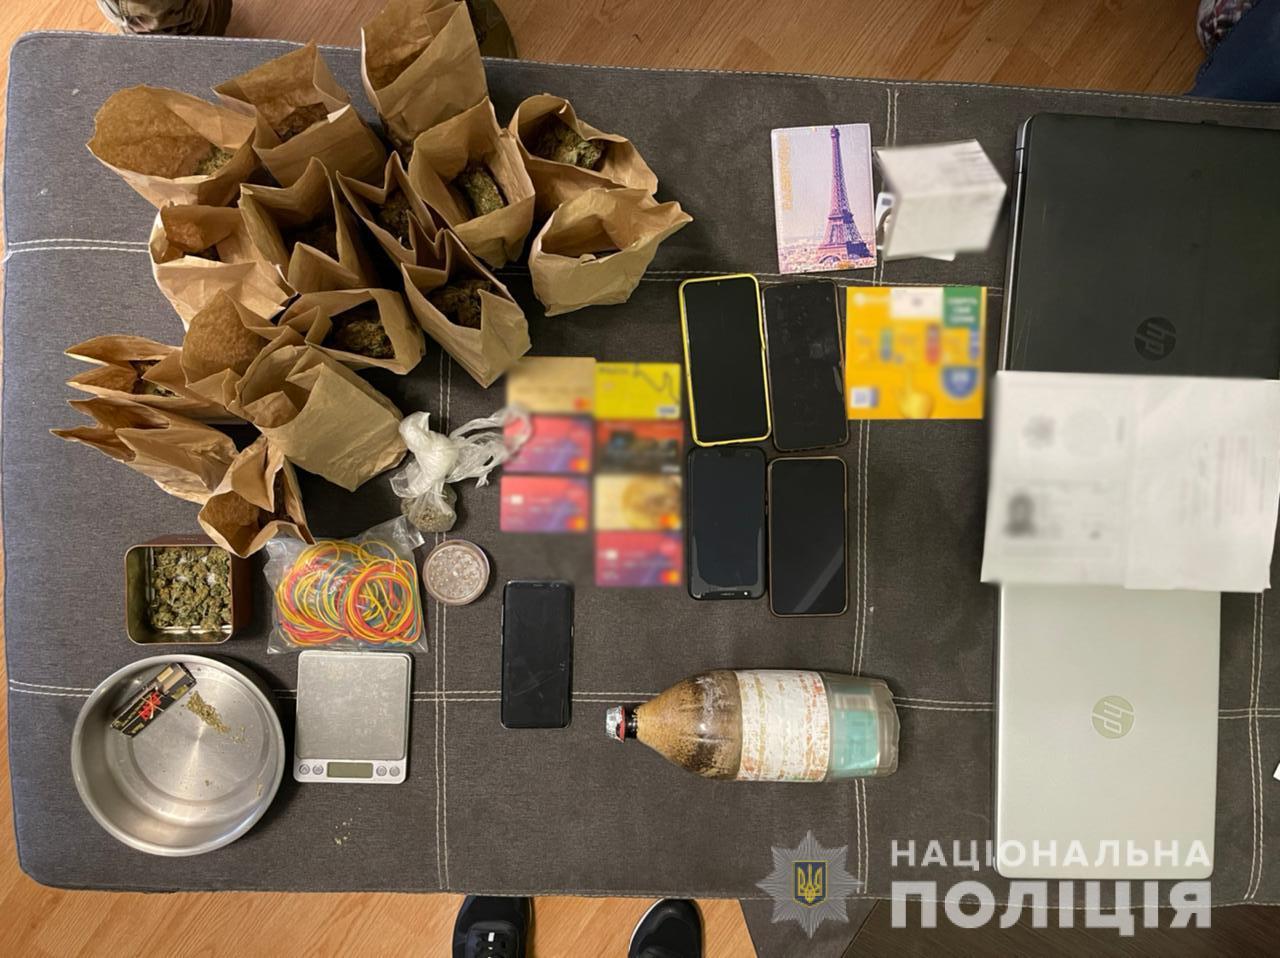 Иностранец в Харькове реализовывал наркотики